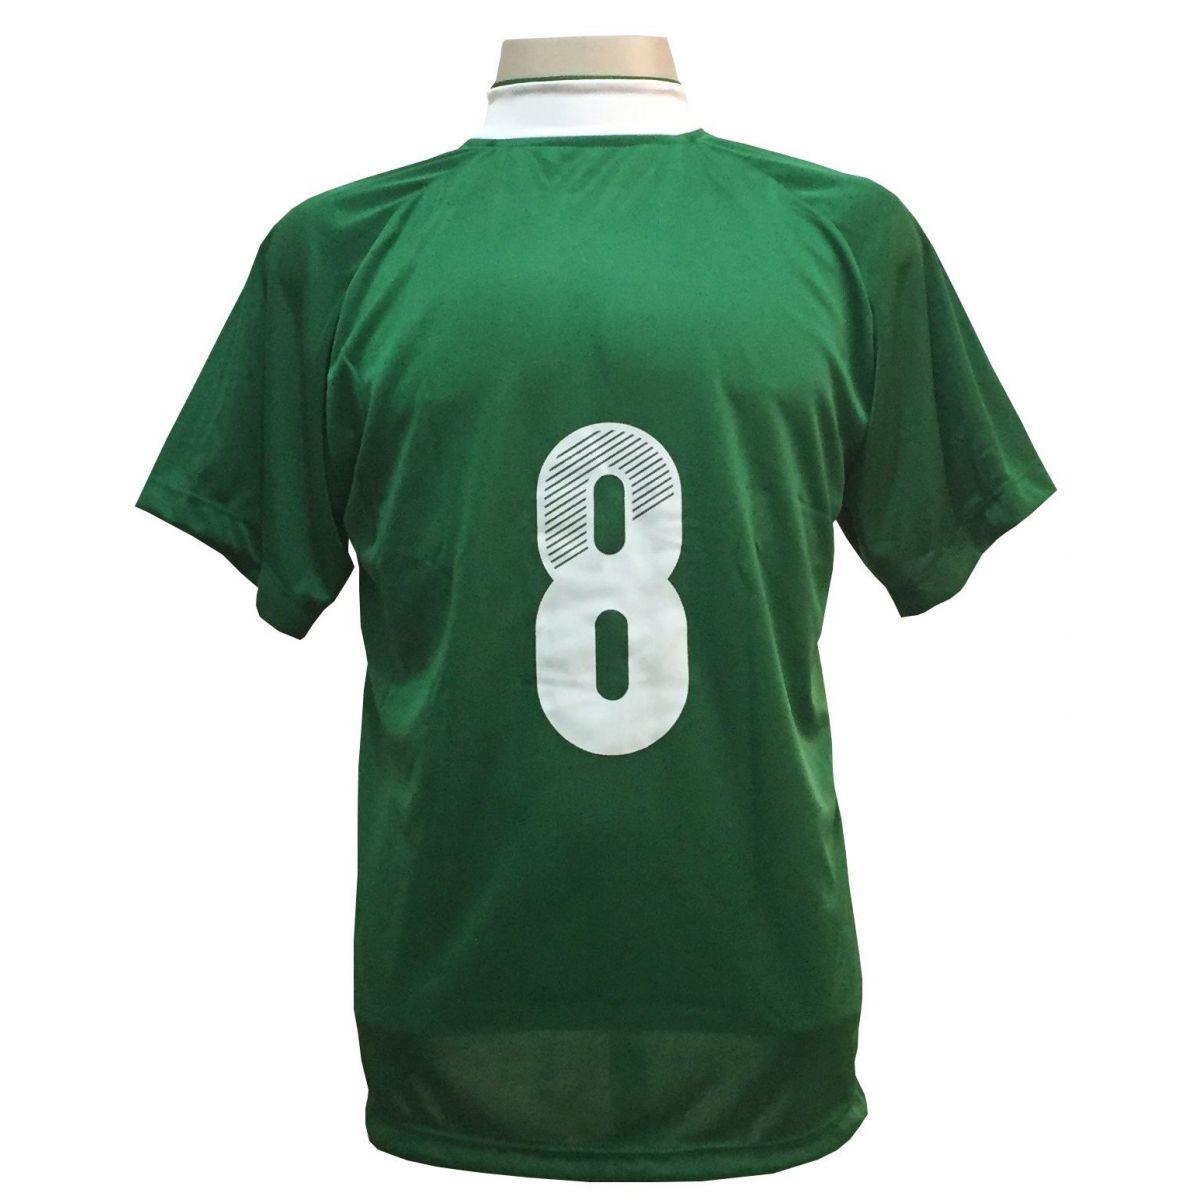 Uniforme Esportivo com 12 Camisas modelo Milan Verde/Branco + 12 Calções modelo Madrid Branco + 12 Pares de meiões Verde